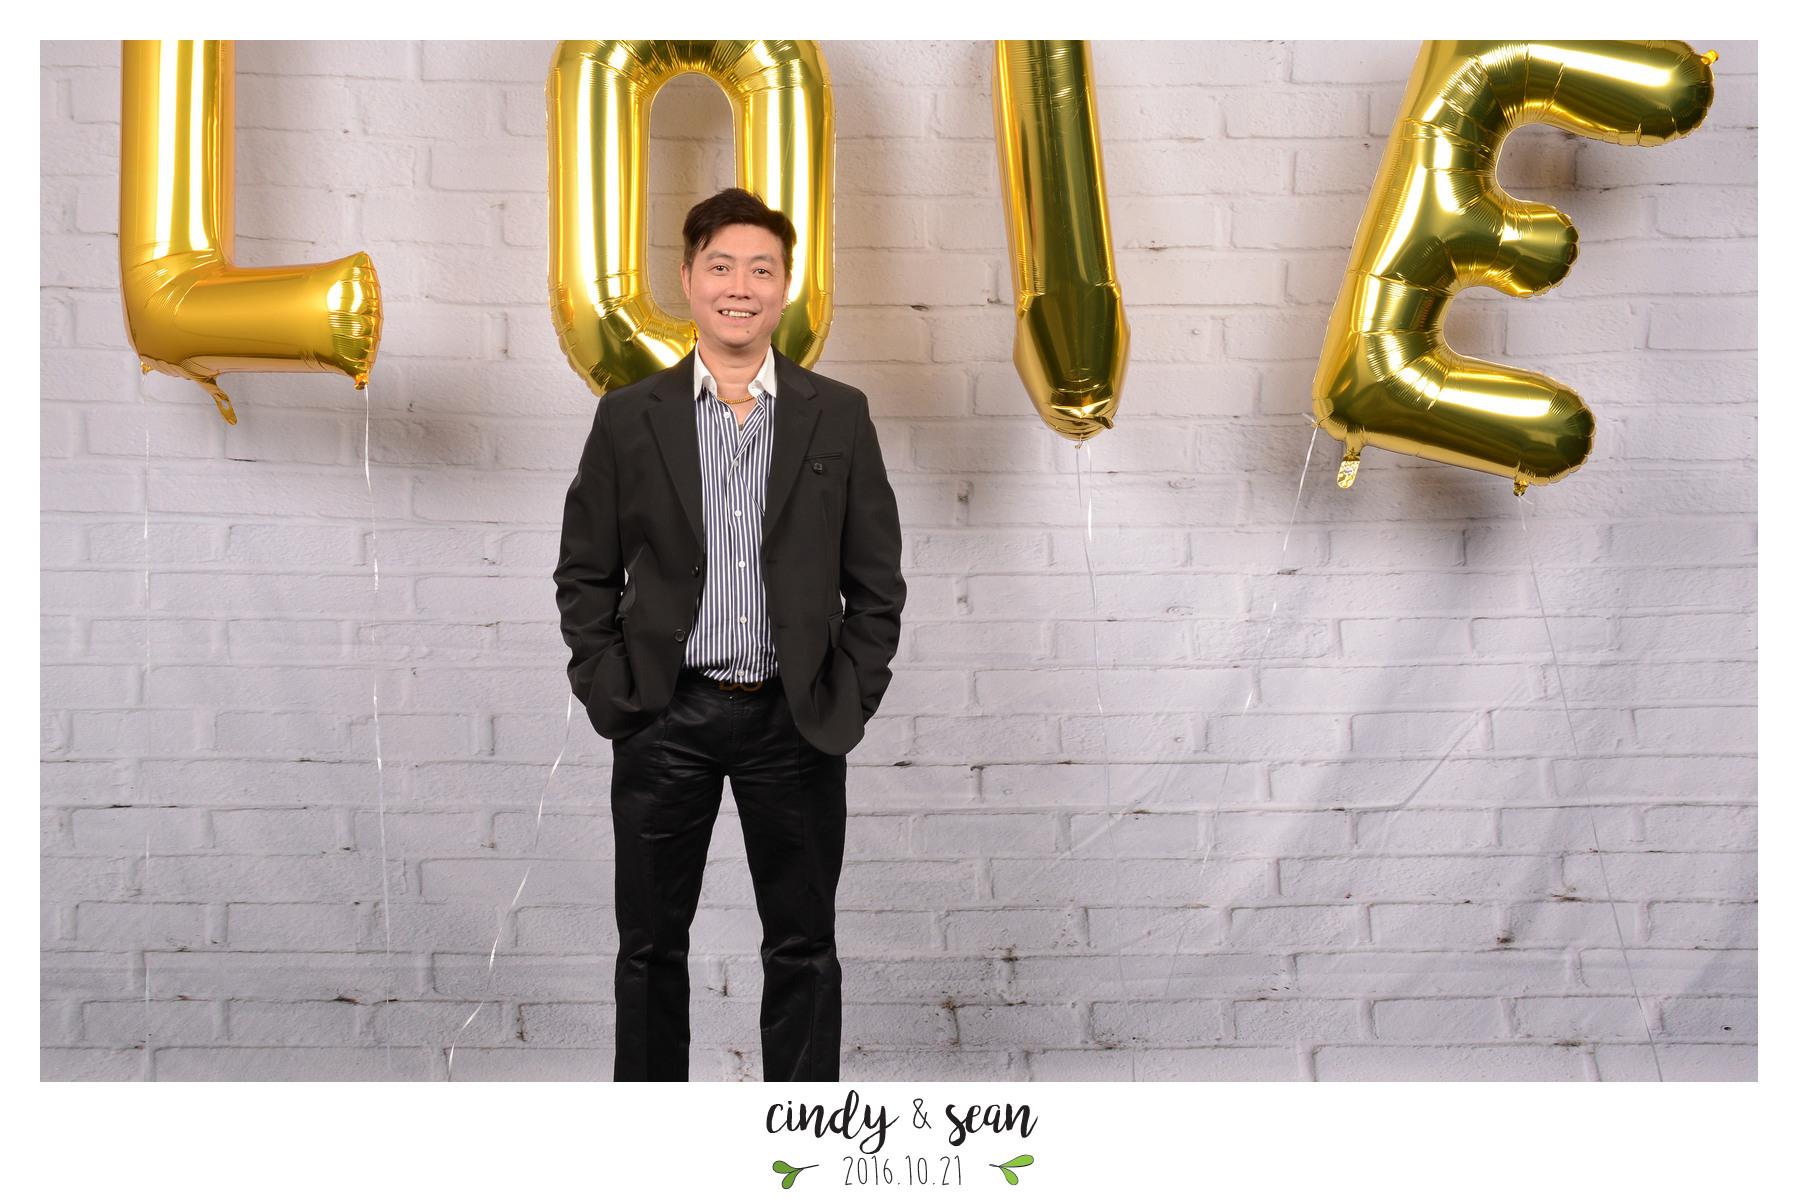 Cindy Sean Bae - 0001-45.jpg